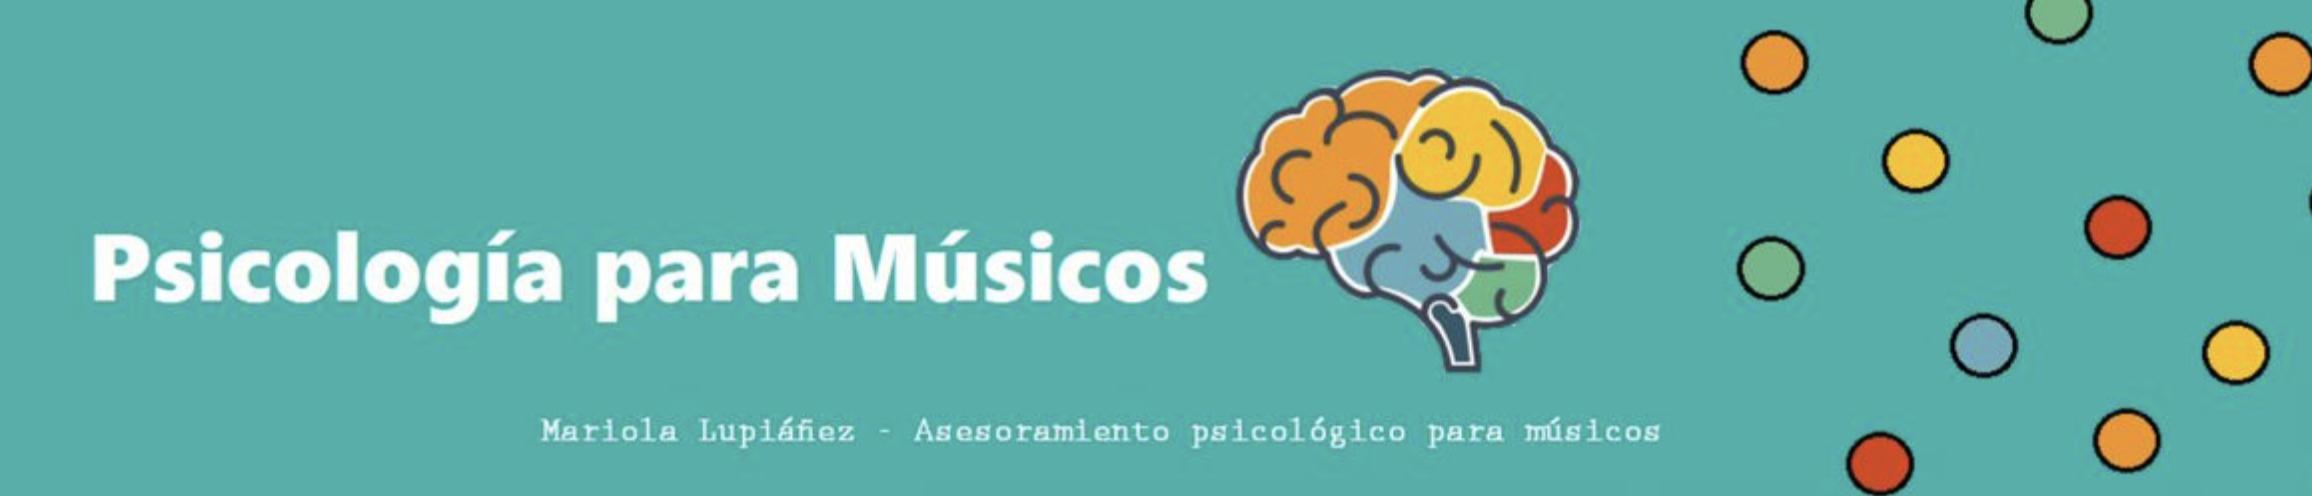 Psicologia para musicos